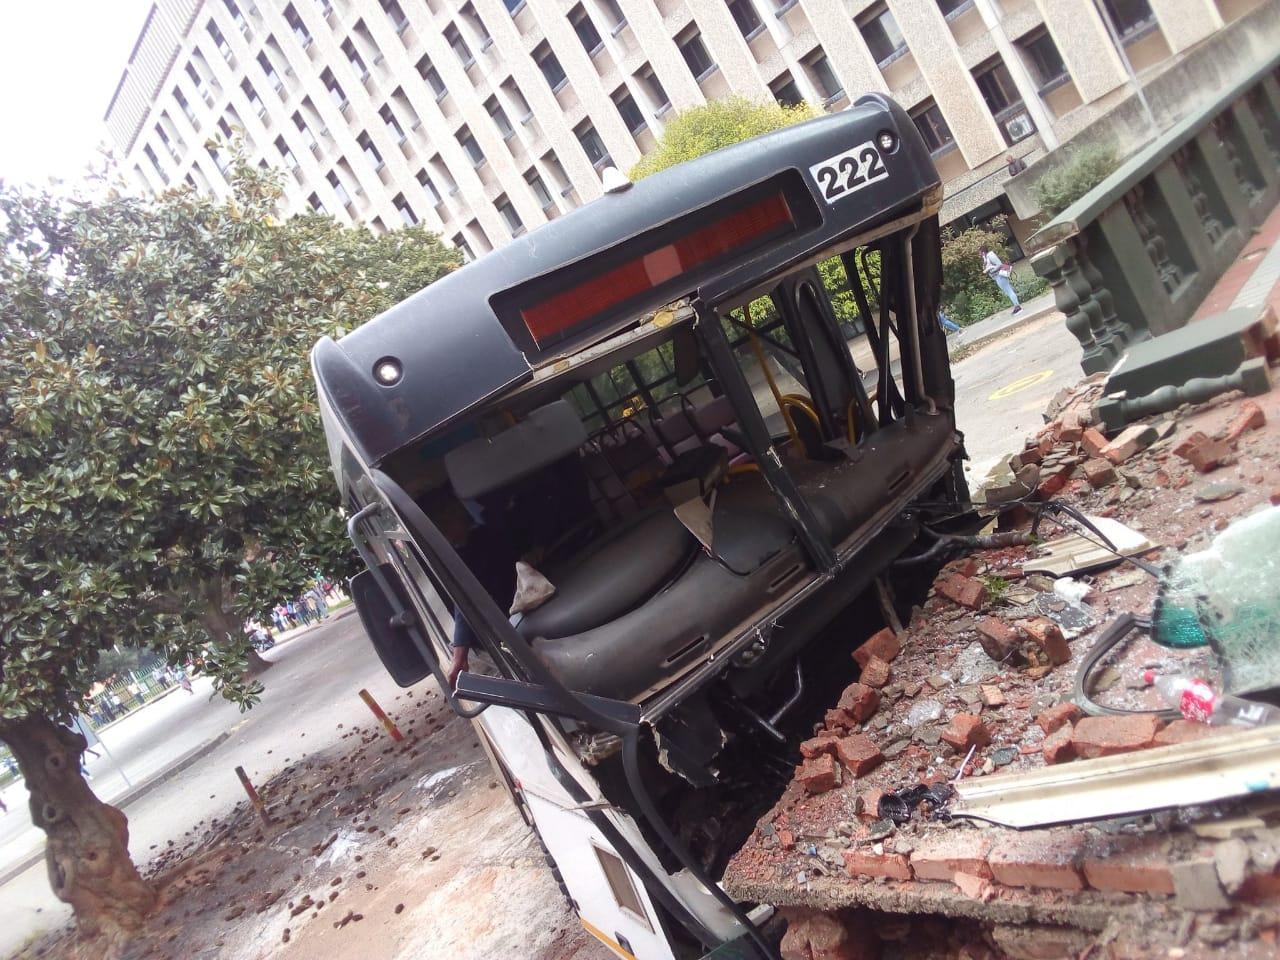 Boksburg Civic Center bus accident